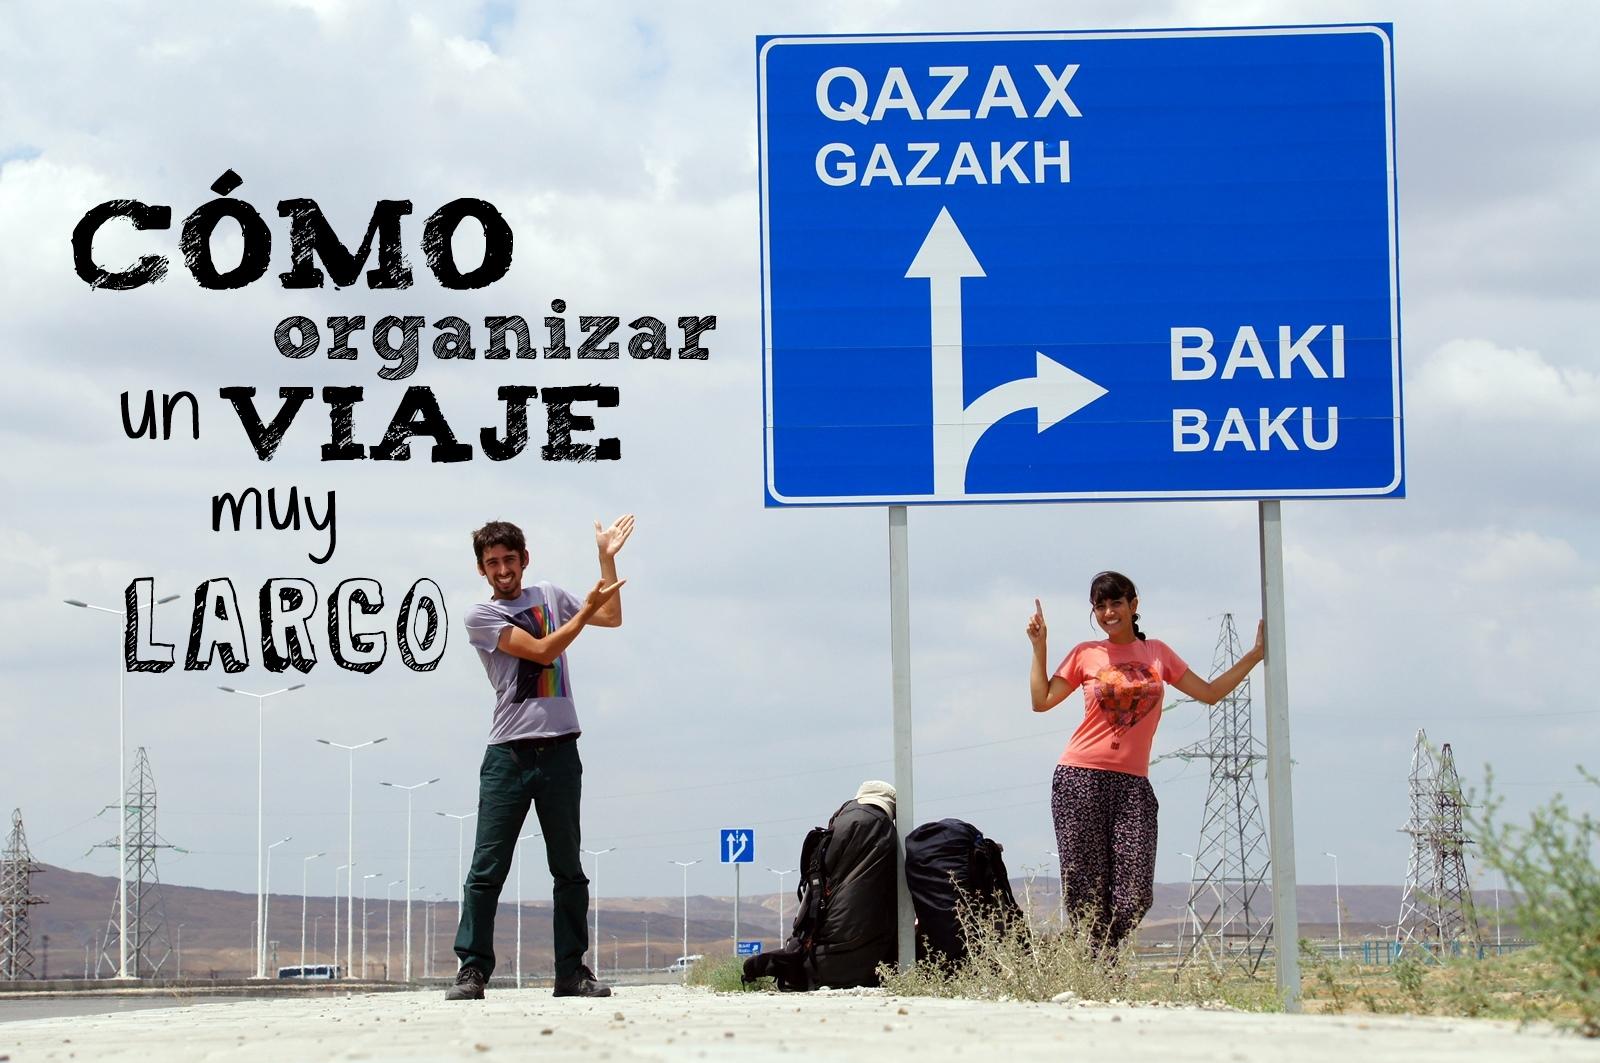 Como organizar uma longa viagem (curso online gratuito)